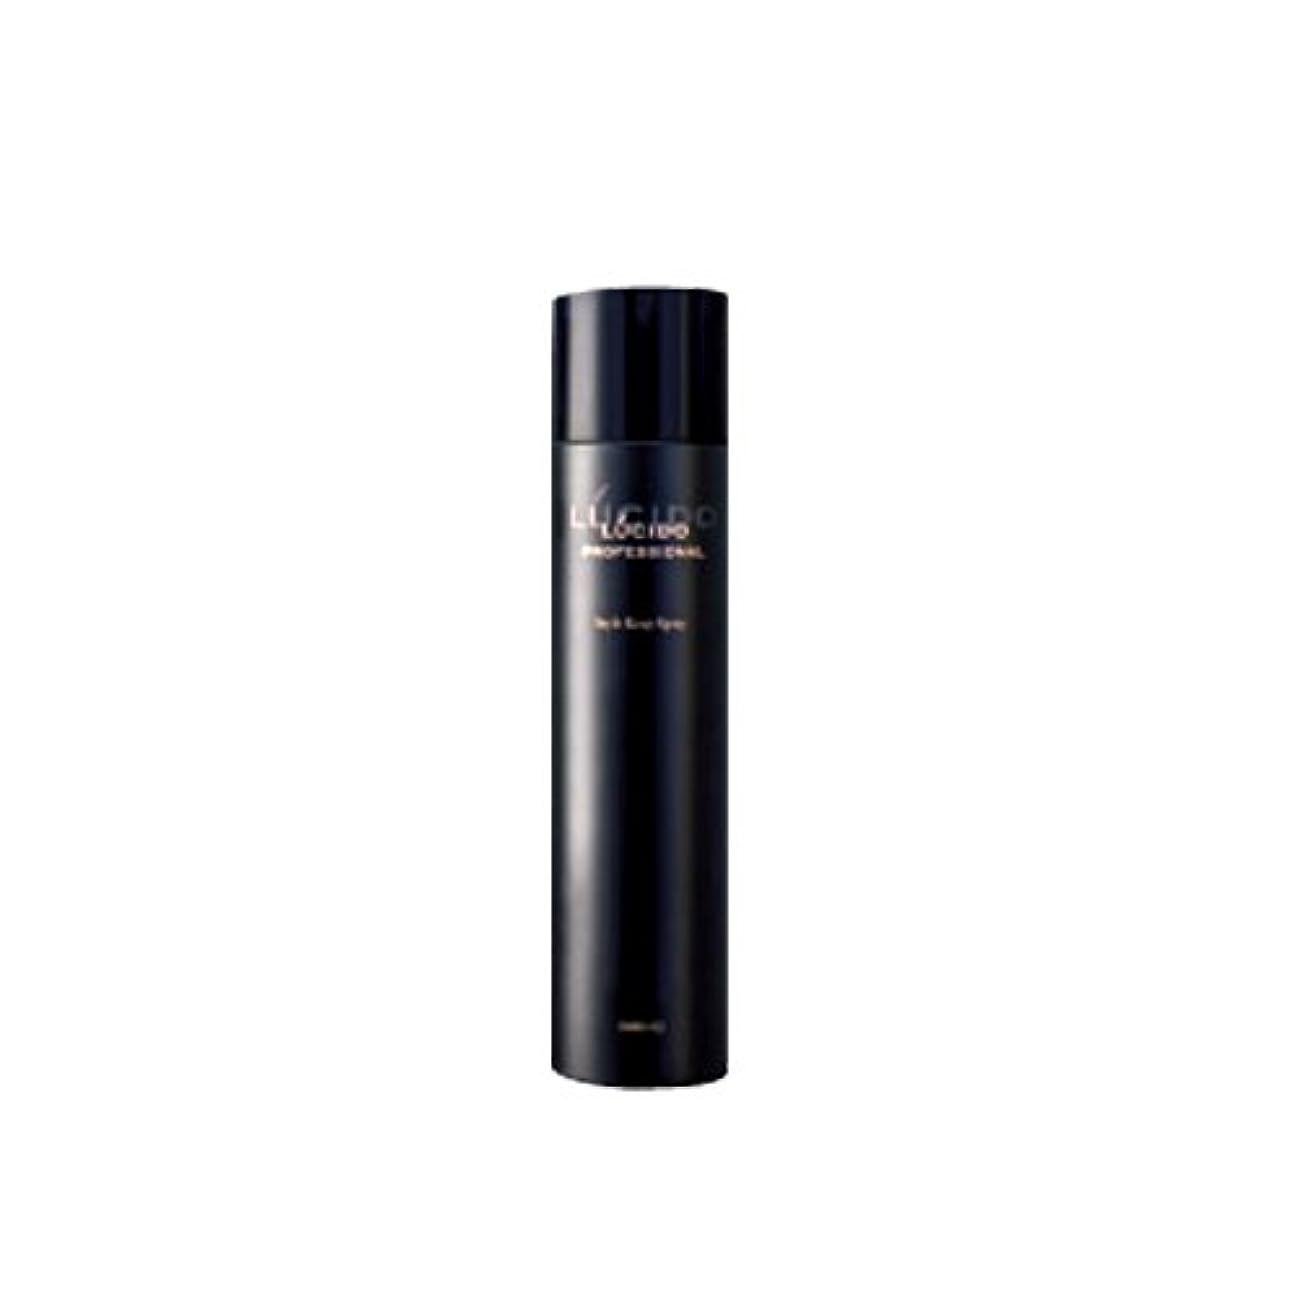 振動させる活気づけるパニックルシード プロフェッショナル スタイル キープ スプレー 整髪料 180g